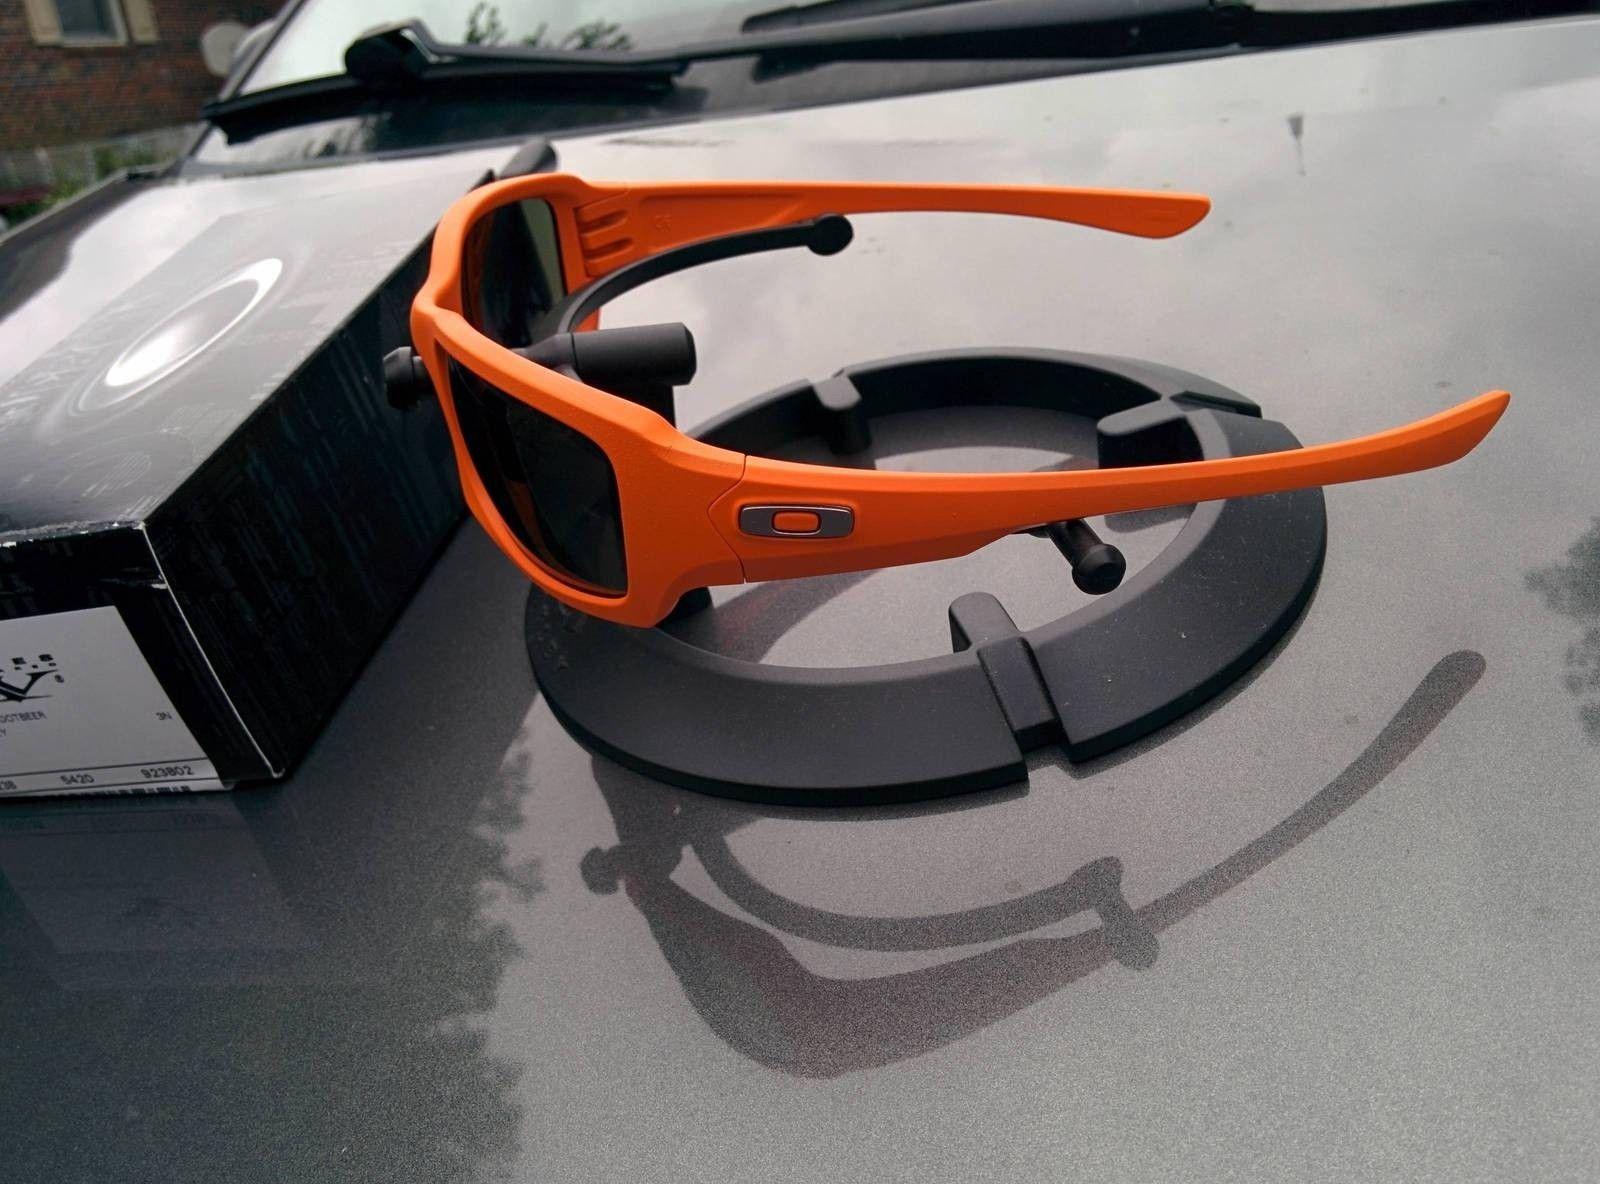 Safety Orange Cerakote Fives Squared/Grey Lens - twJrtES.jpg